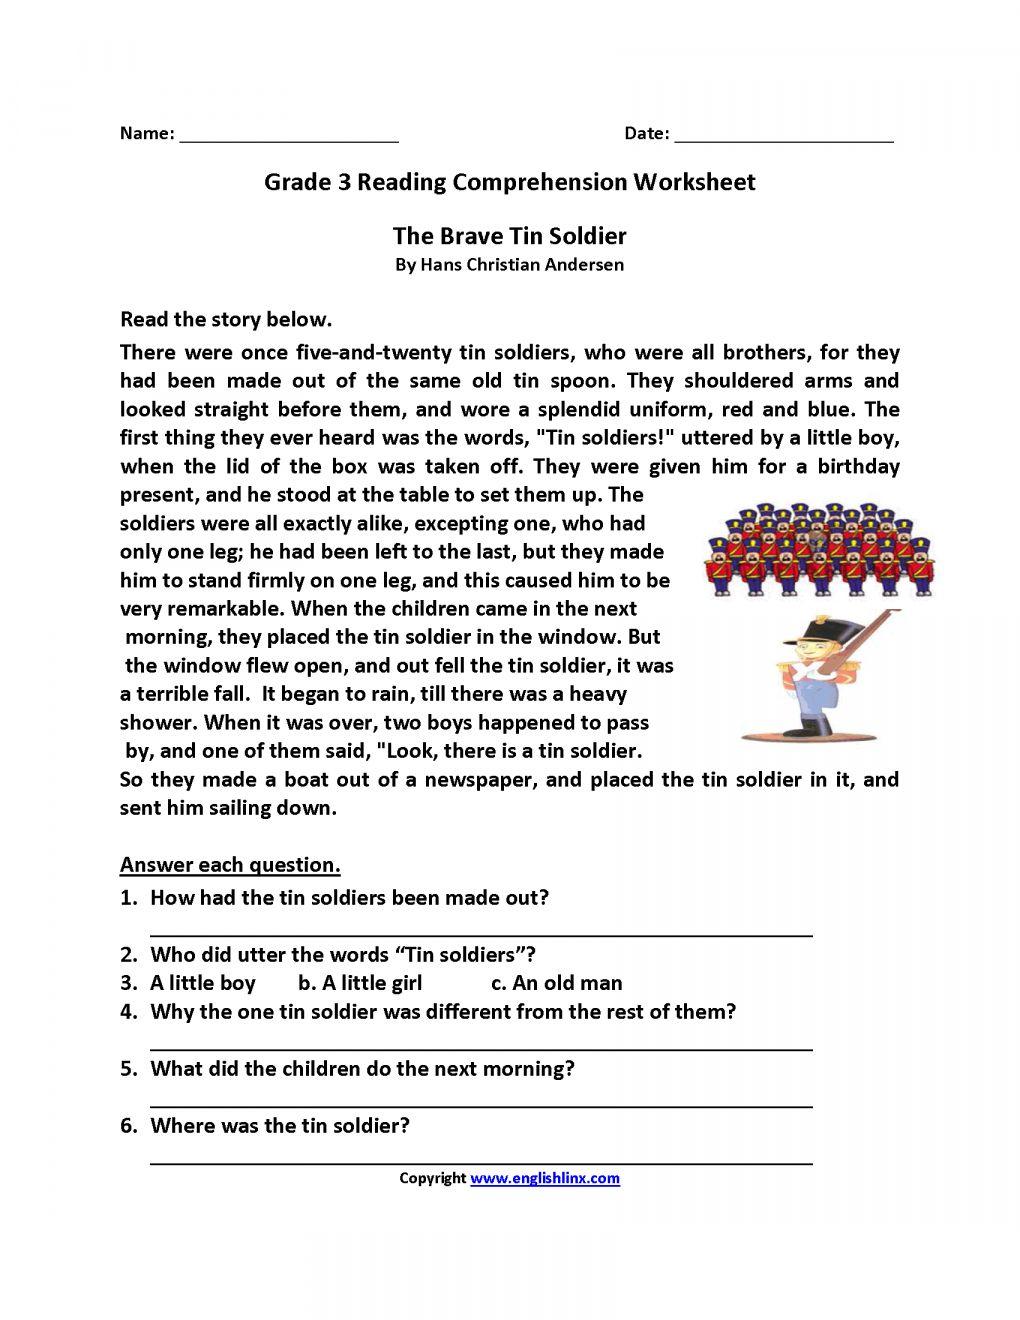 Reading Comprehension Worksheets For Grade 3 Pdf Free